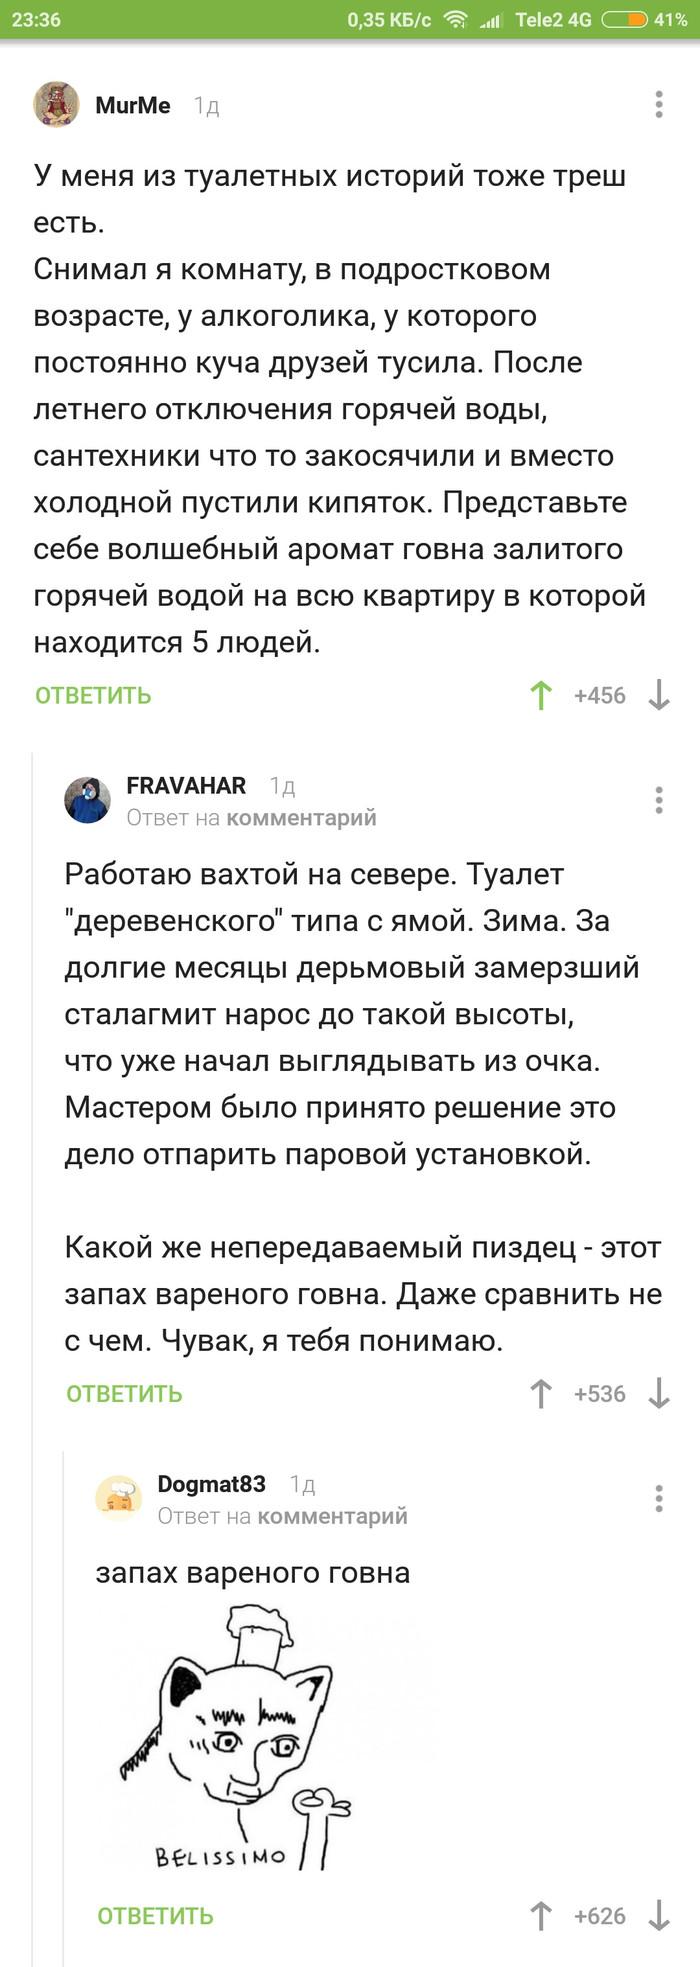 Варёное... Скриншот, Комментарии, Туалетный юмор, Длиннопост